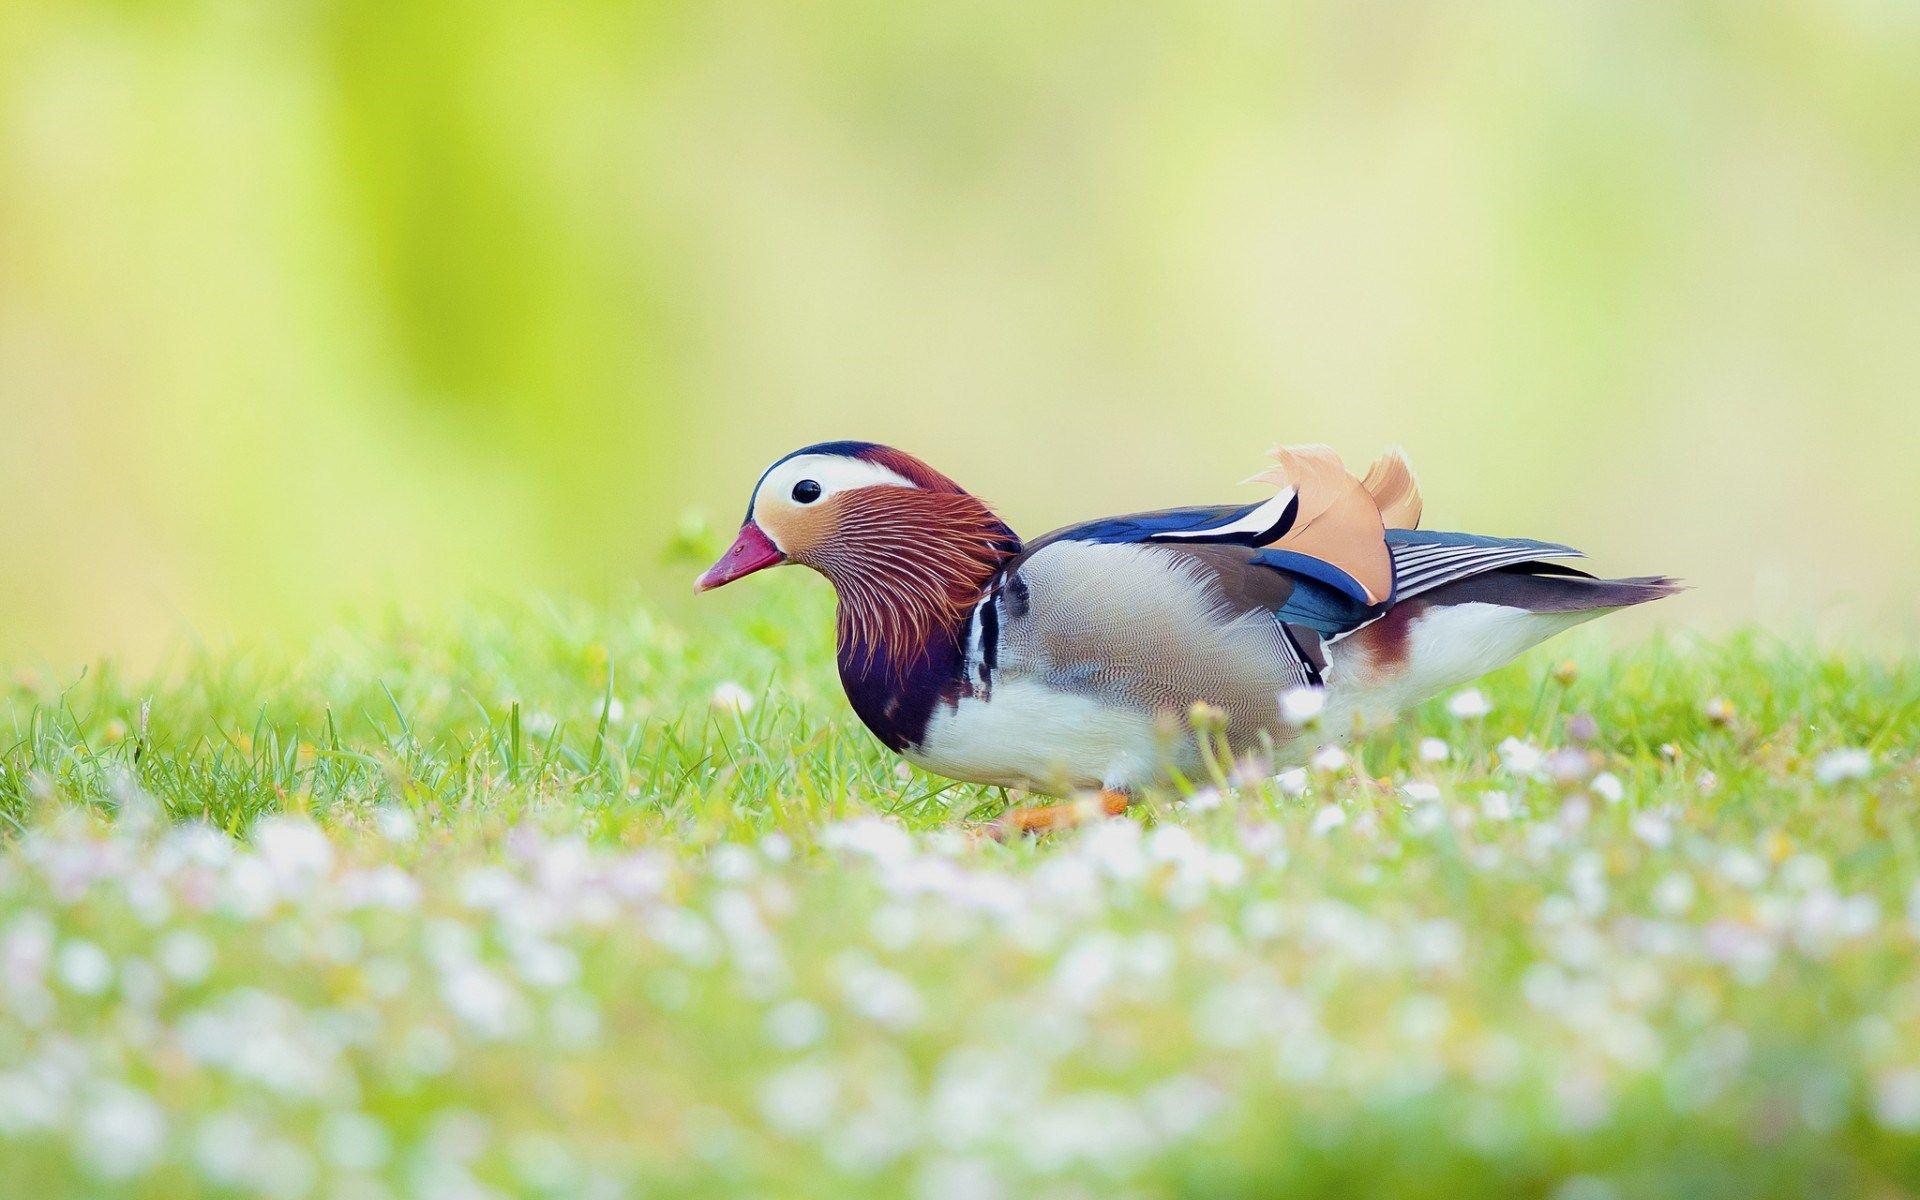 Duck Bird Hd Wallpapers Desktop Backgrounds Duck Pictures Birds Wallpaper Hd Animals